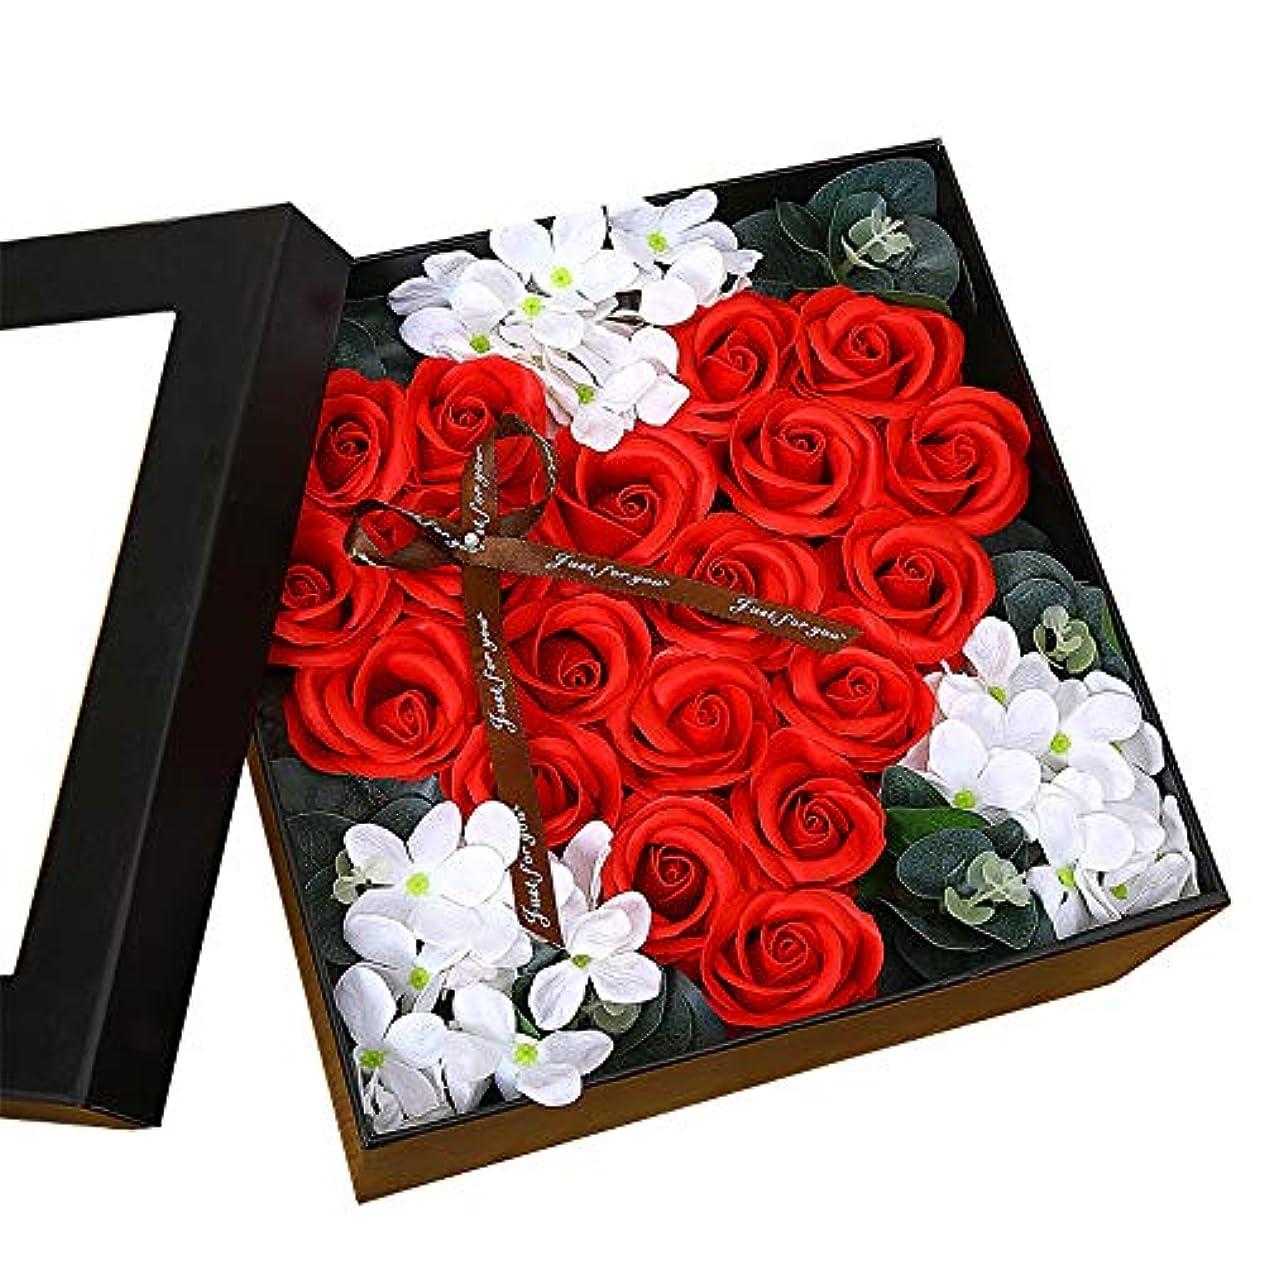 トマト退屈チャーター生地と花石鹸の花 ギフトソープフラワーローズフラワーバレンタインデーのために不可欠ガールフレンド記念日誕生日母の日 (色 : Red square box)